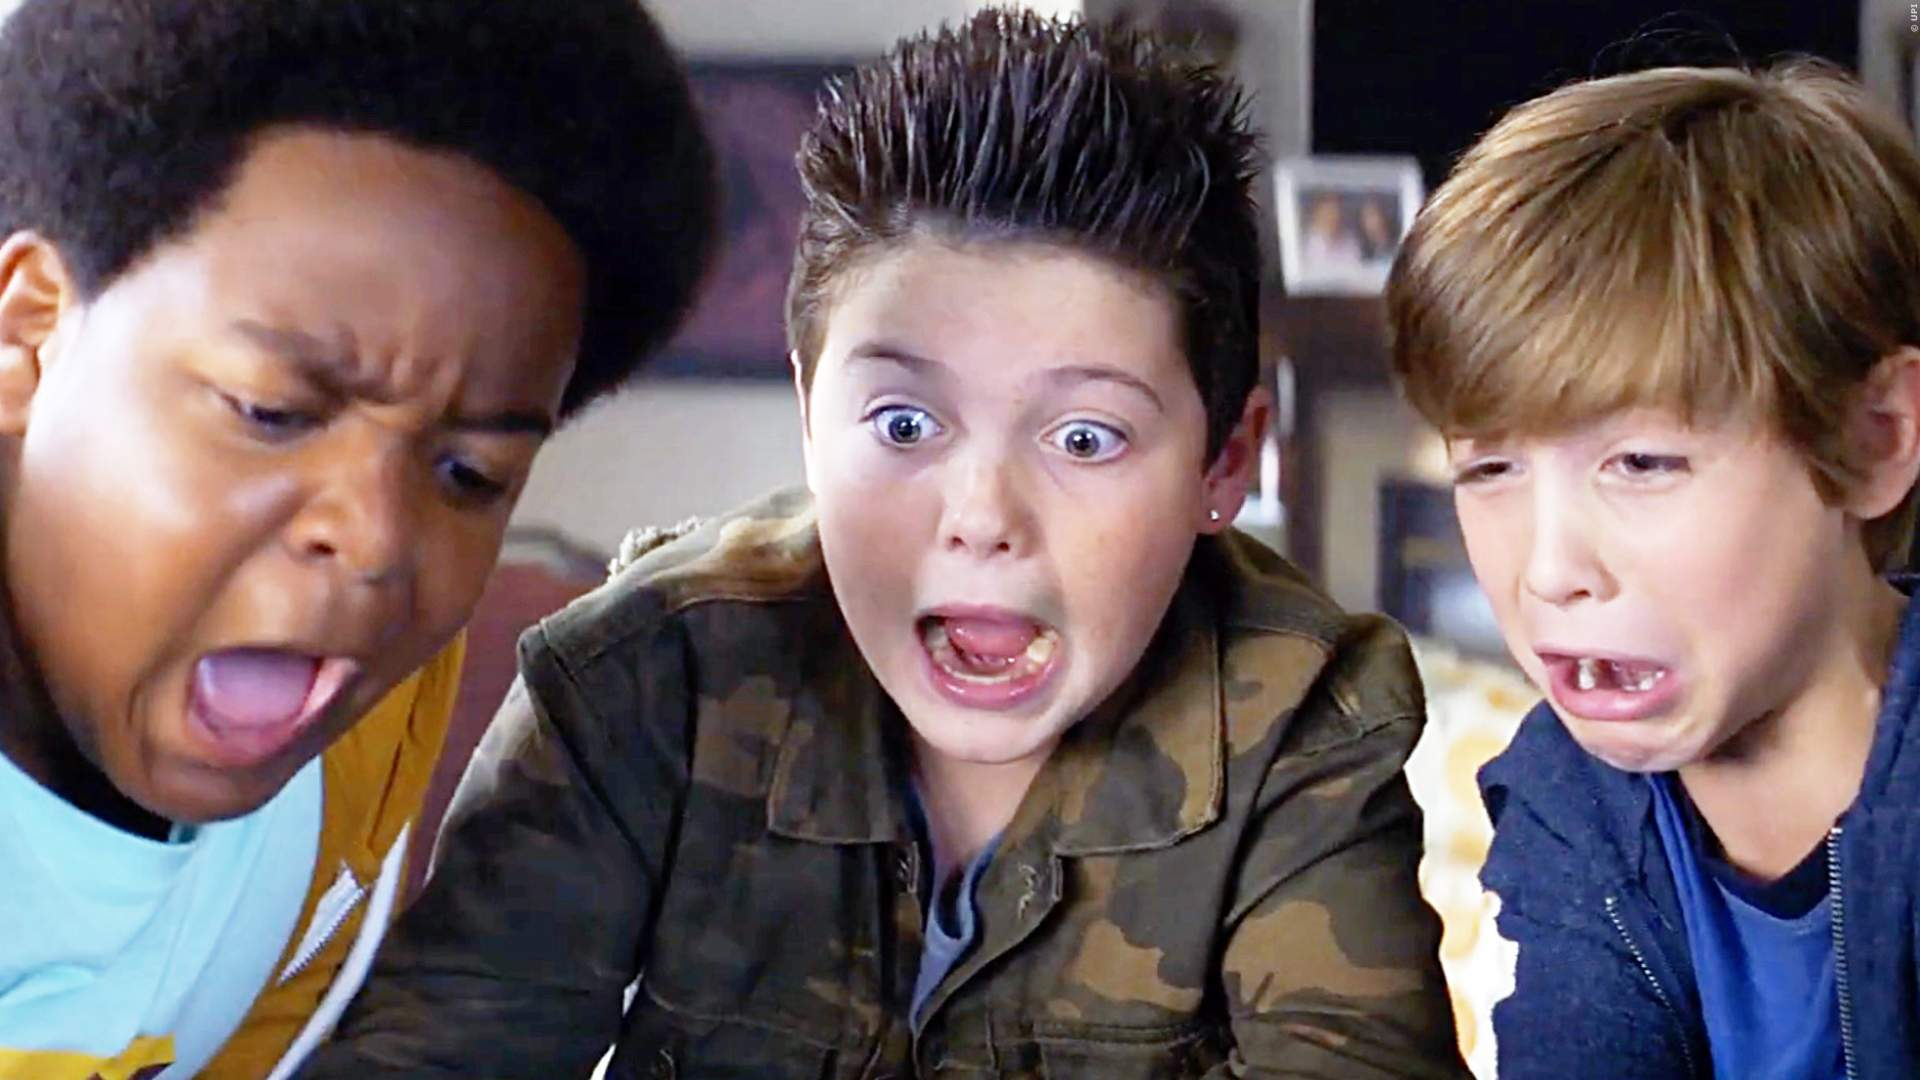 GOOD BOYS: Unzensierter Trailer nur für Erwachsene - Total versauter Humor